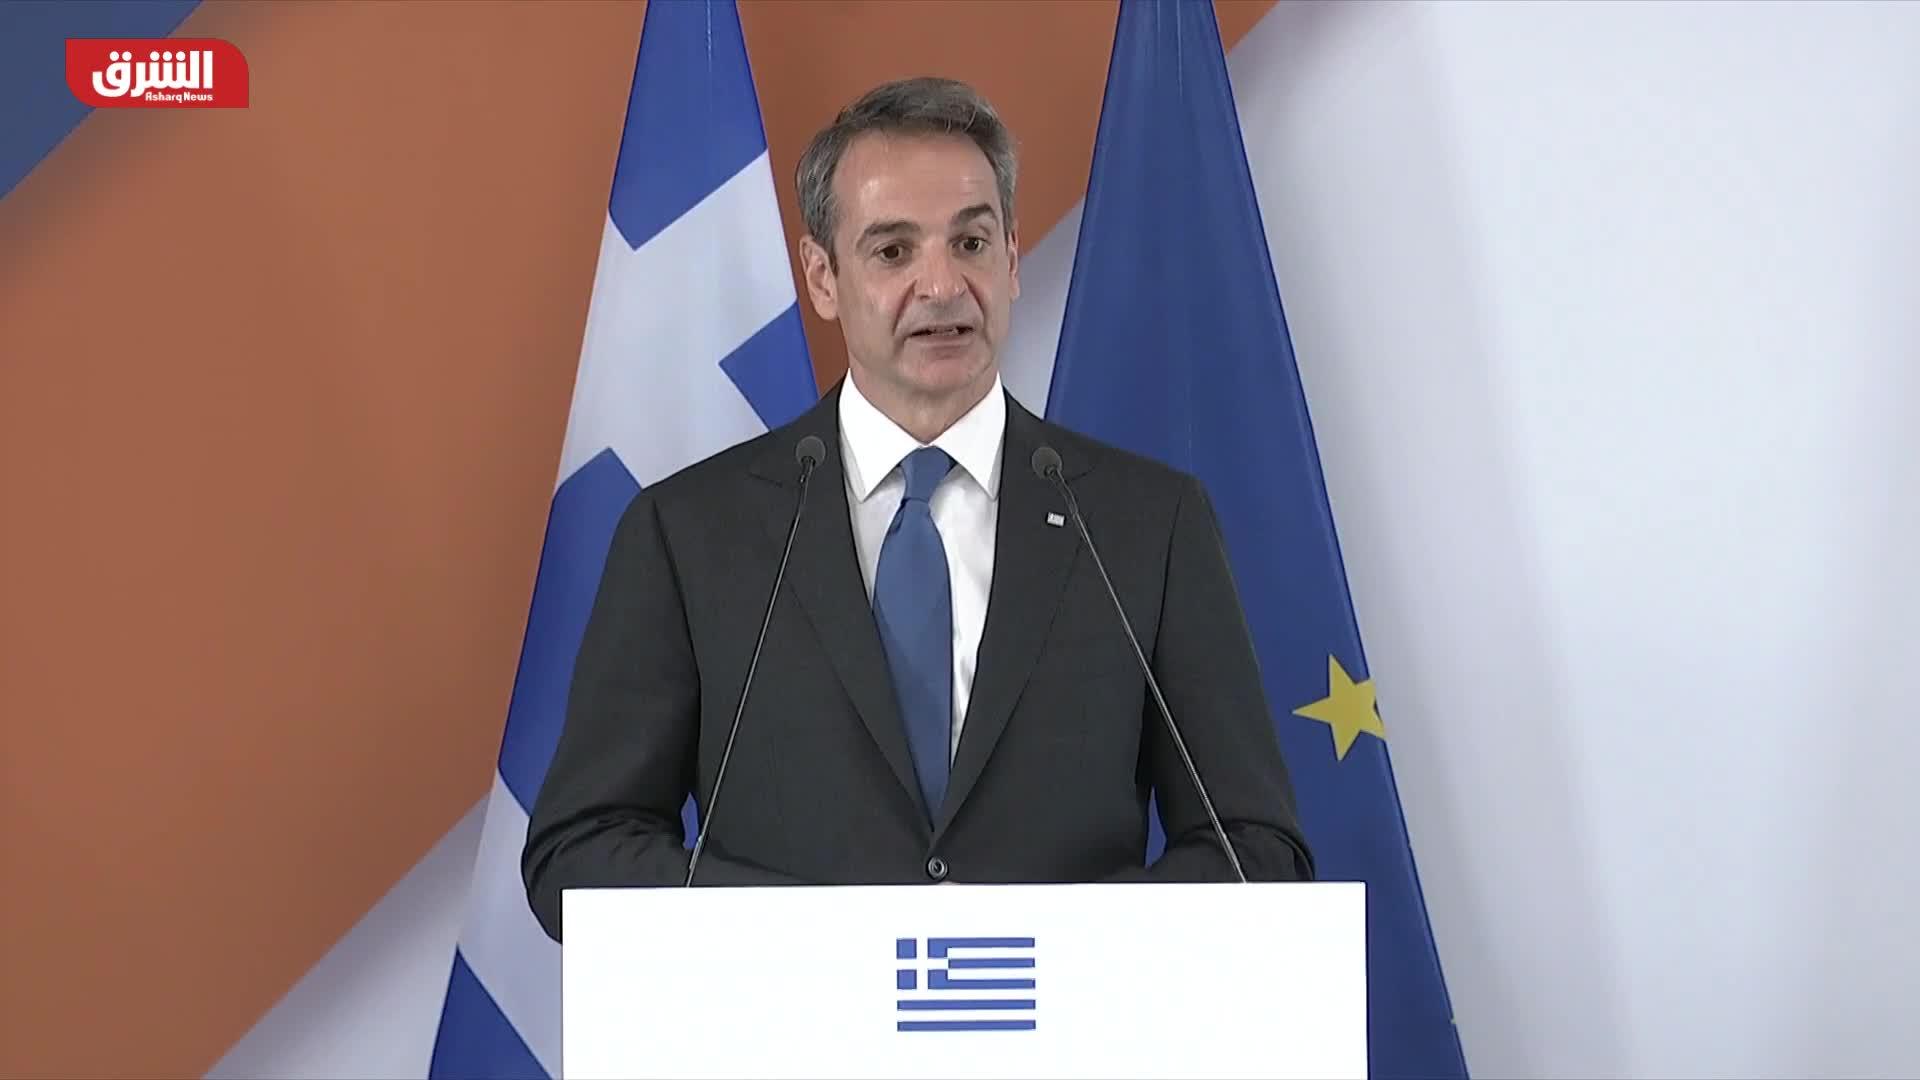 من كلمة رئيس الوزراء اليوناني كيرياكوس ميتسو تاكيس في القمة المصرية القبرصية اليونانية